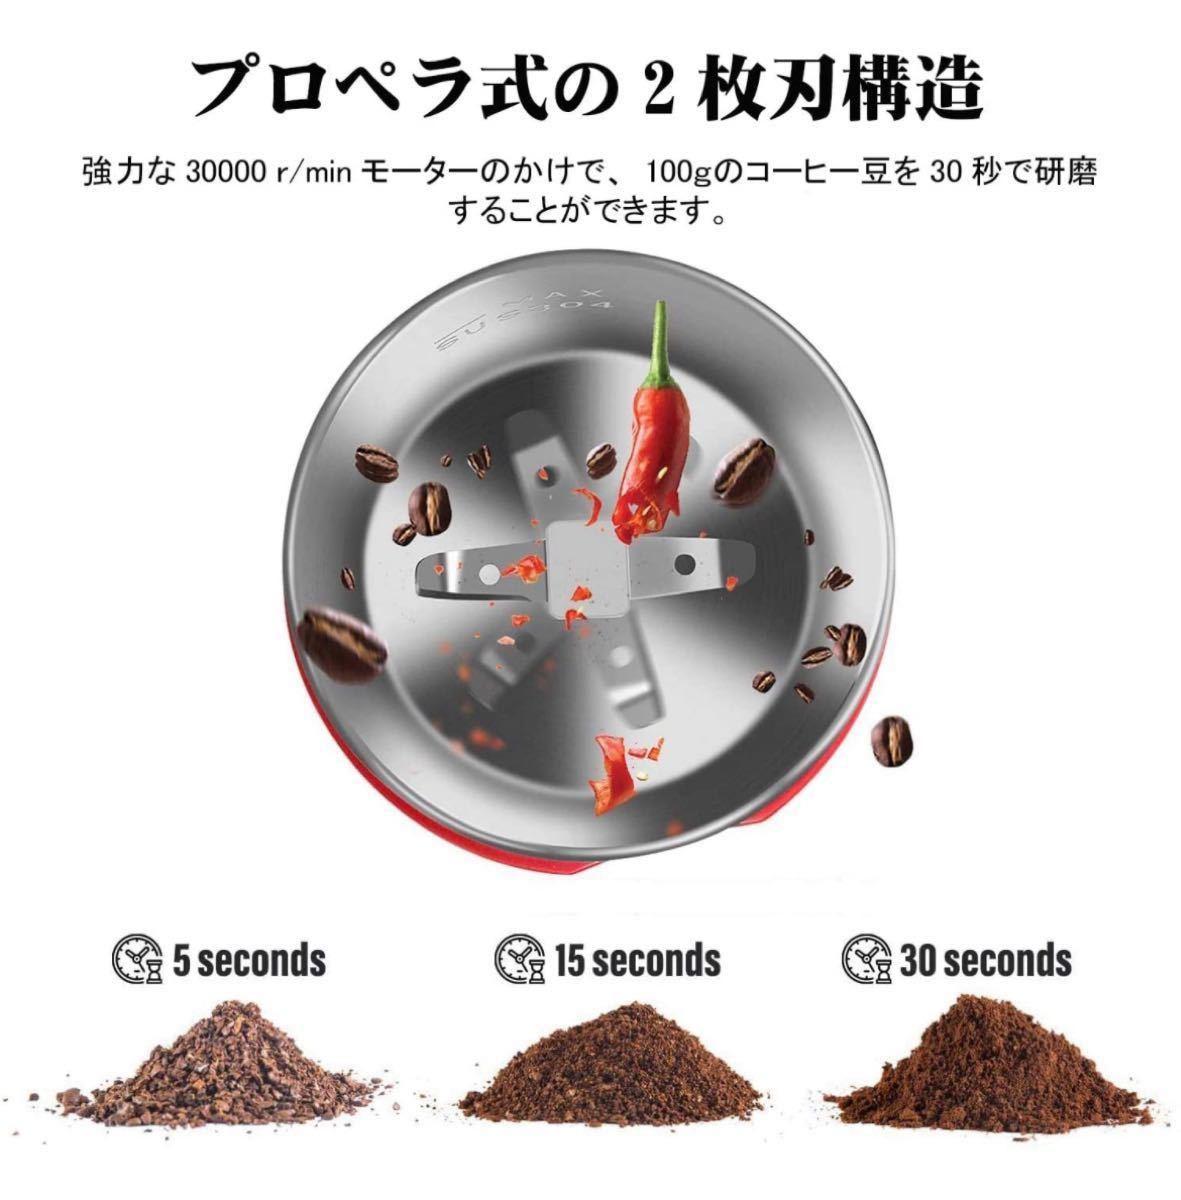 AMGsevenコーヒーミル 電動コーヒーミル 2021年最新版コーヒーグラインダー